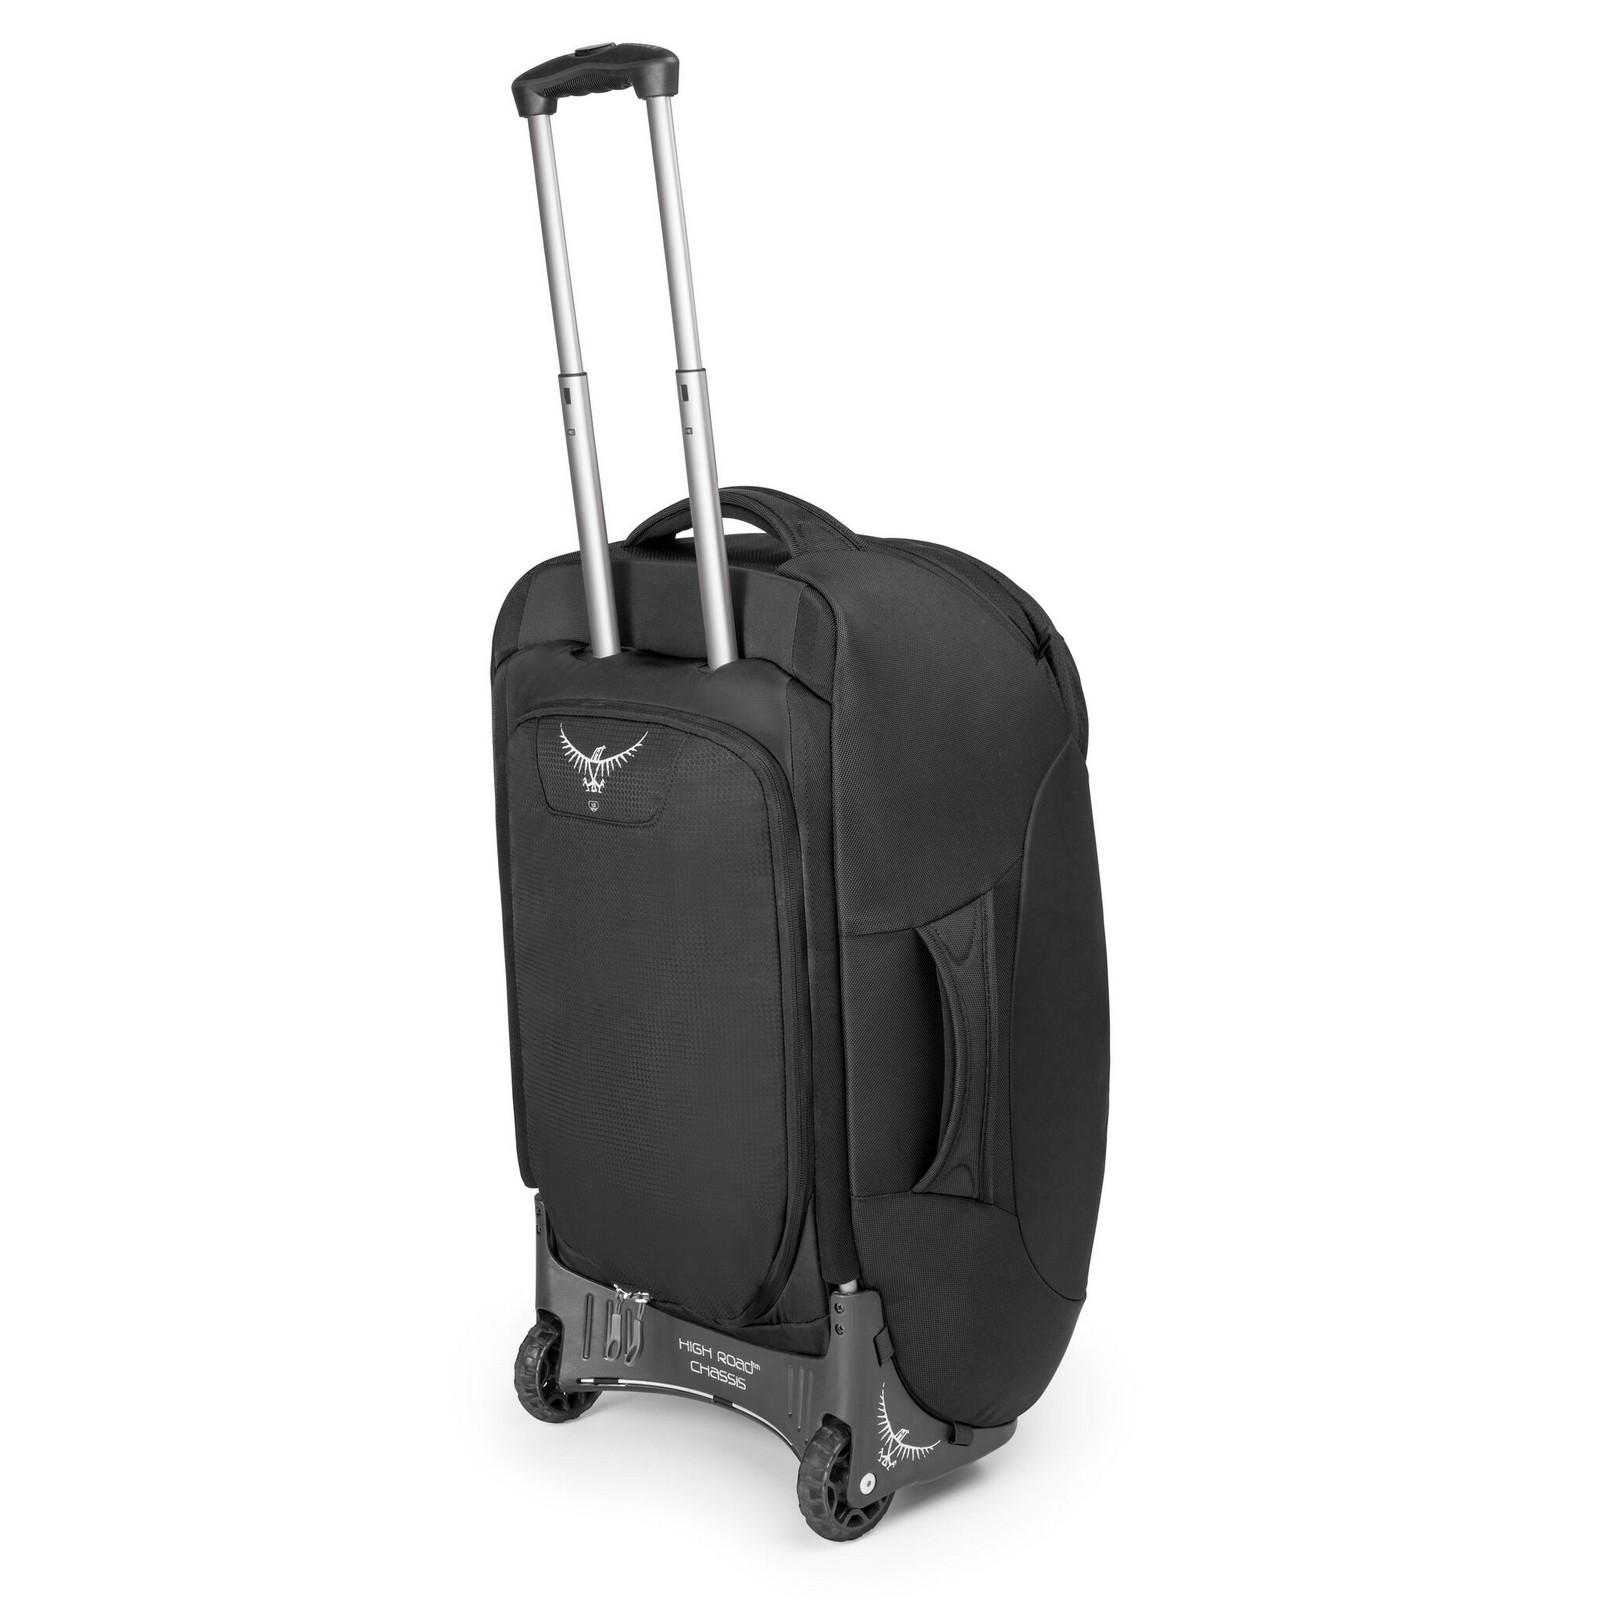 rollentasche rucksack trolley kofferrucksack tasche sojourn 60 von osprey ebay. Black Bedroom Furniture Sets. Home Design Ideas